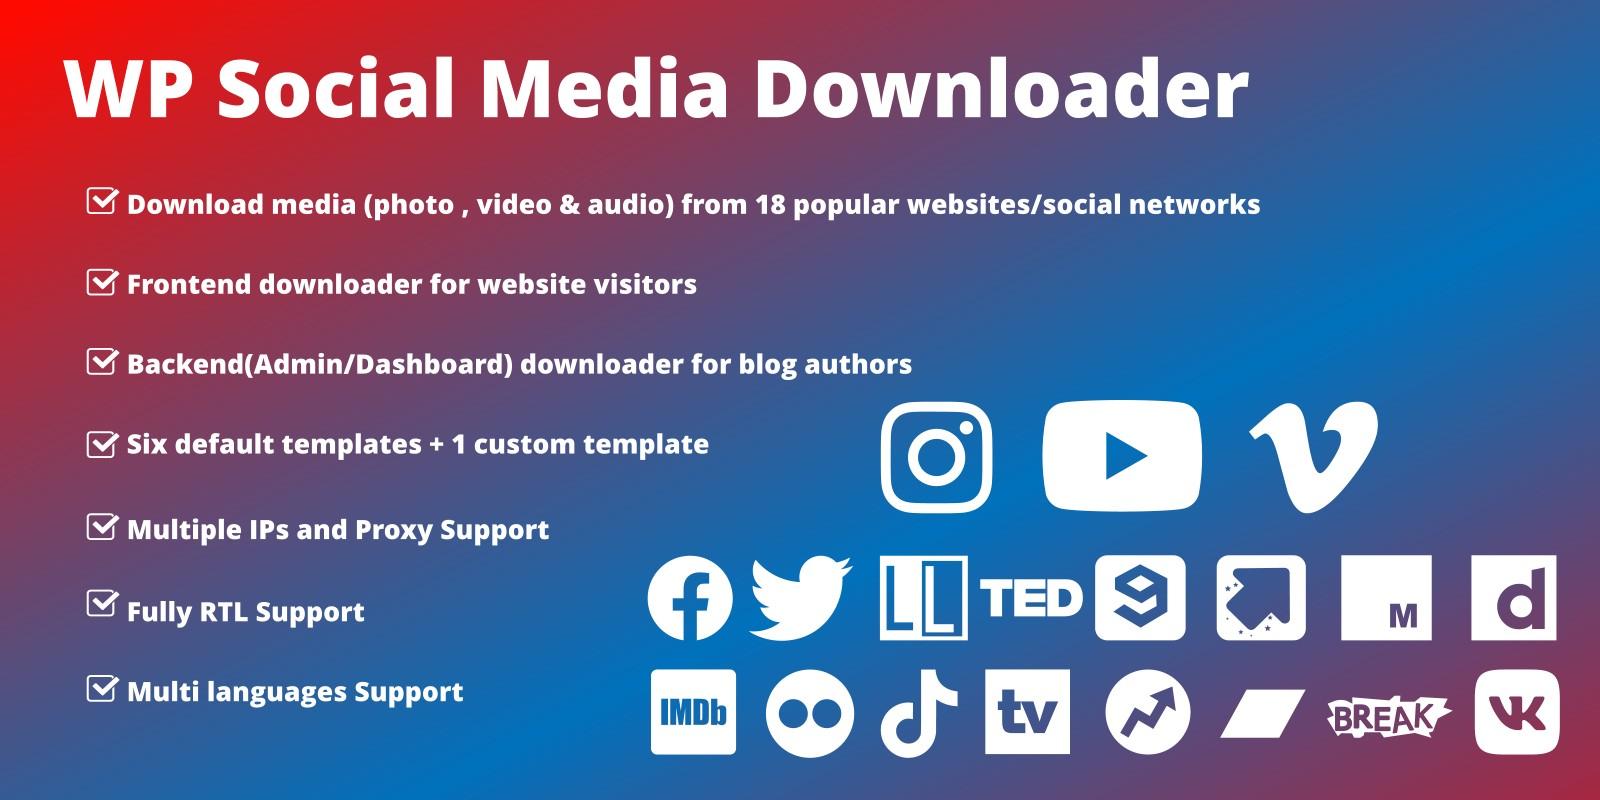 WordPress Social Media Downloader Plugin